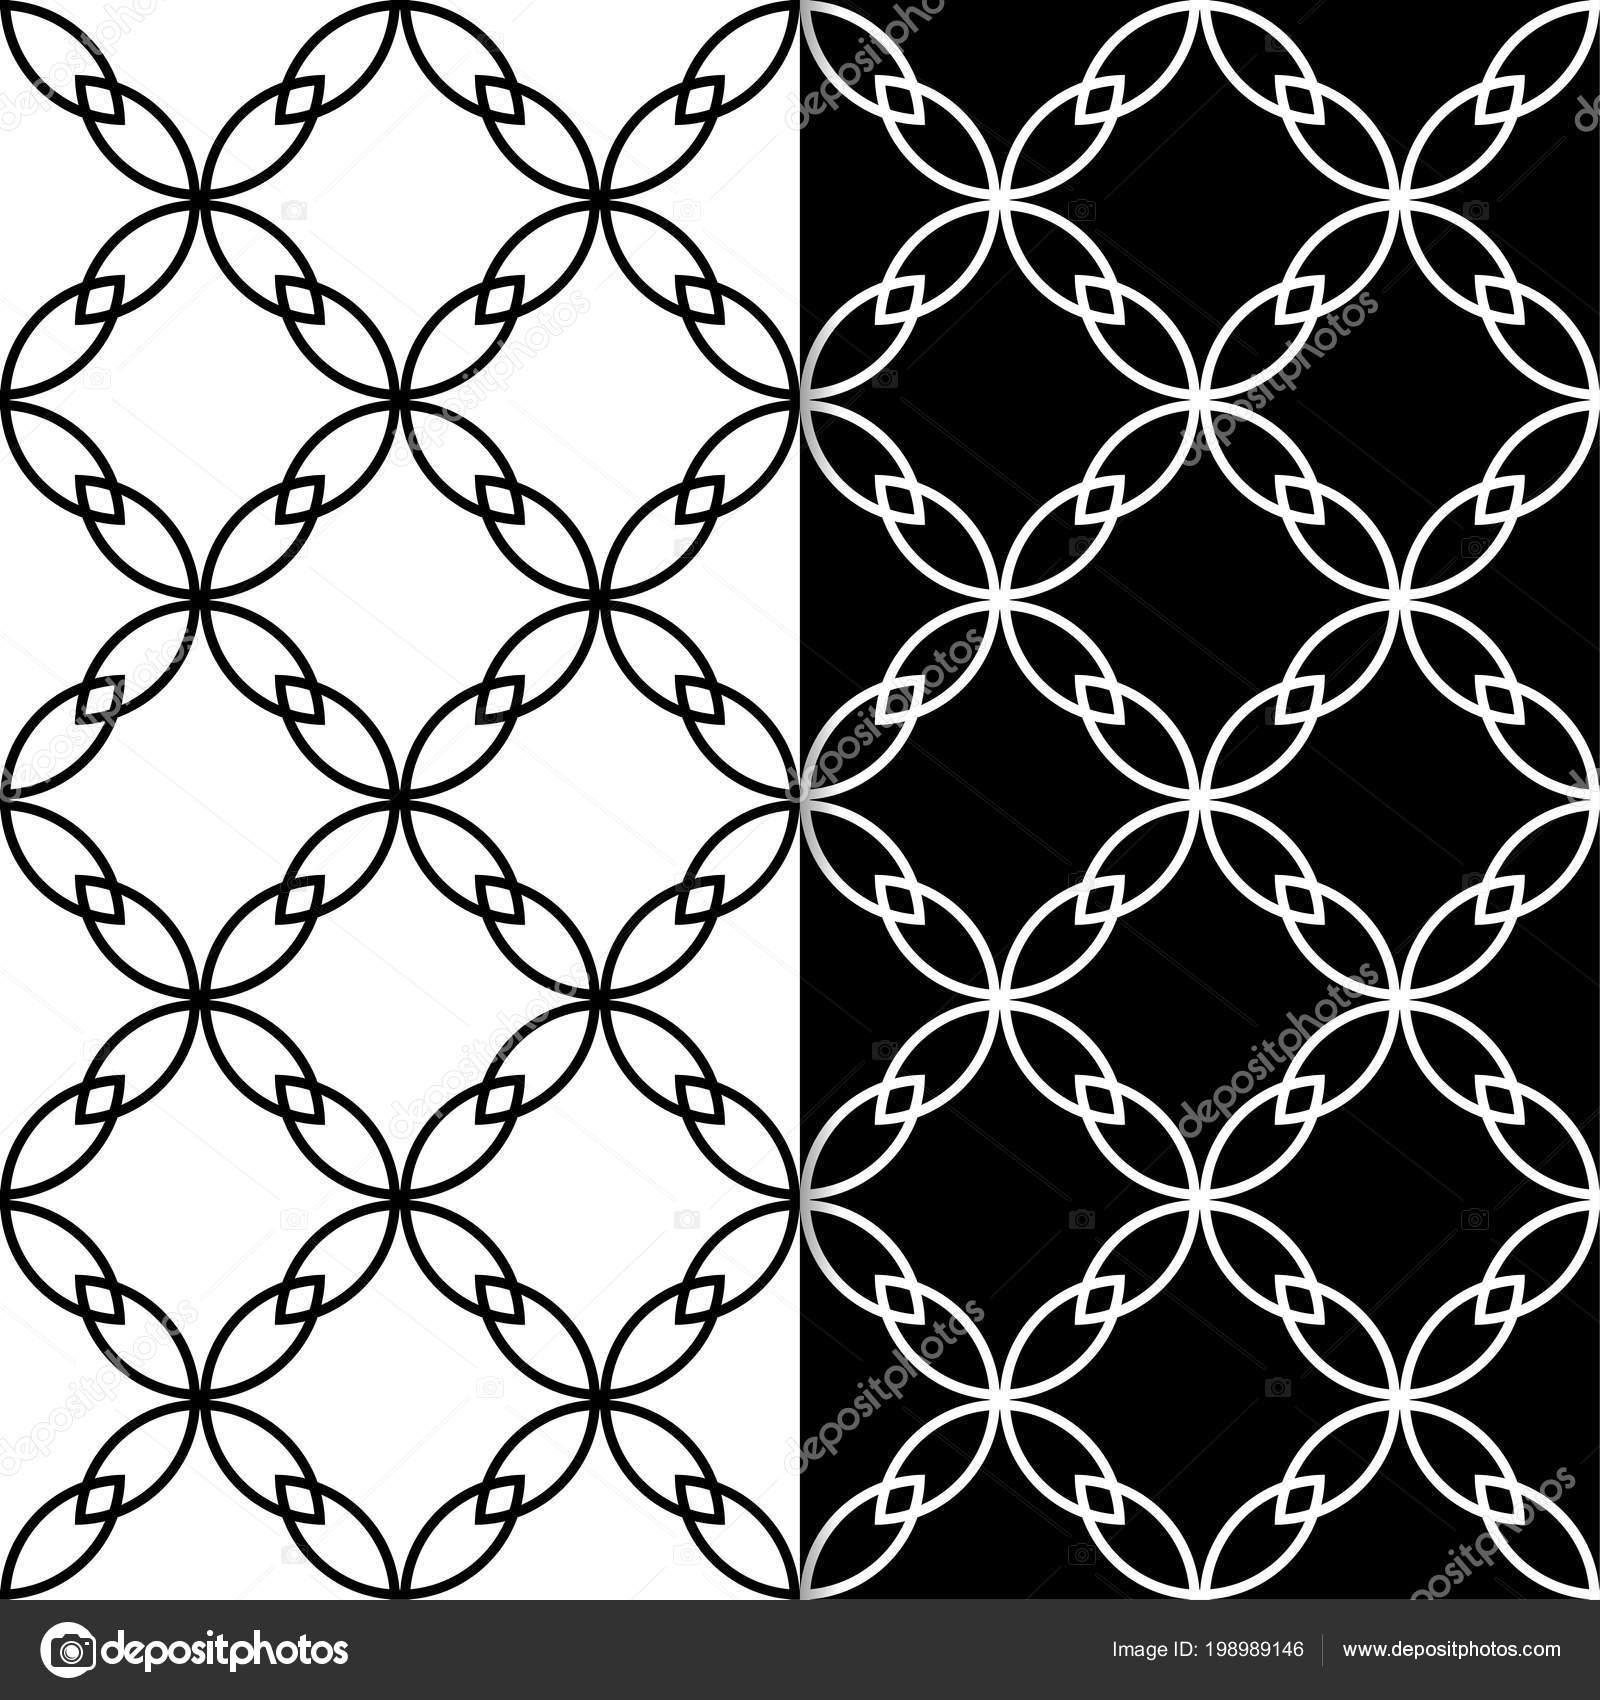 Patrones geom tricos transparente blanco negro web textil for Fondo de pantalla blanco y negro